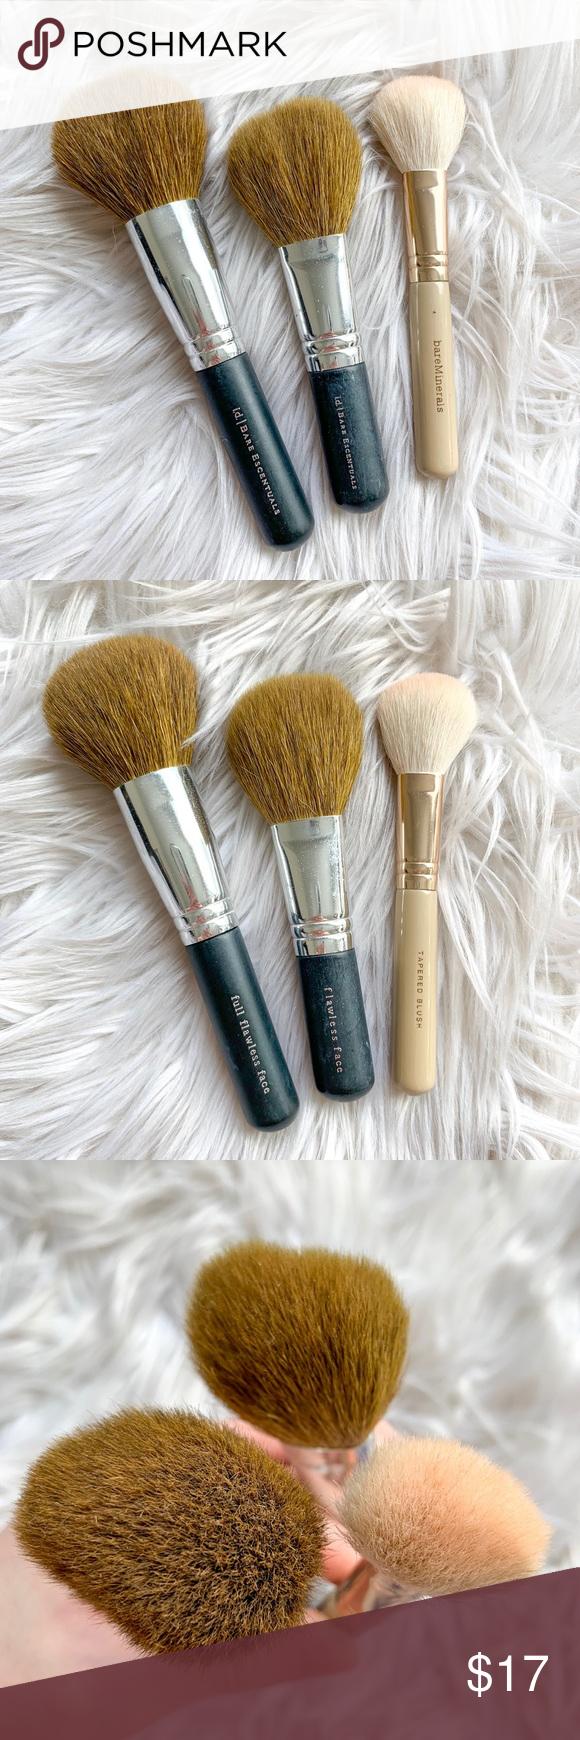 2 25 Bareminerals 3 Piece Face Makeup Brush Lot Face Makeup Brush Travel Size Makeup Brushes Makeup Brushes